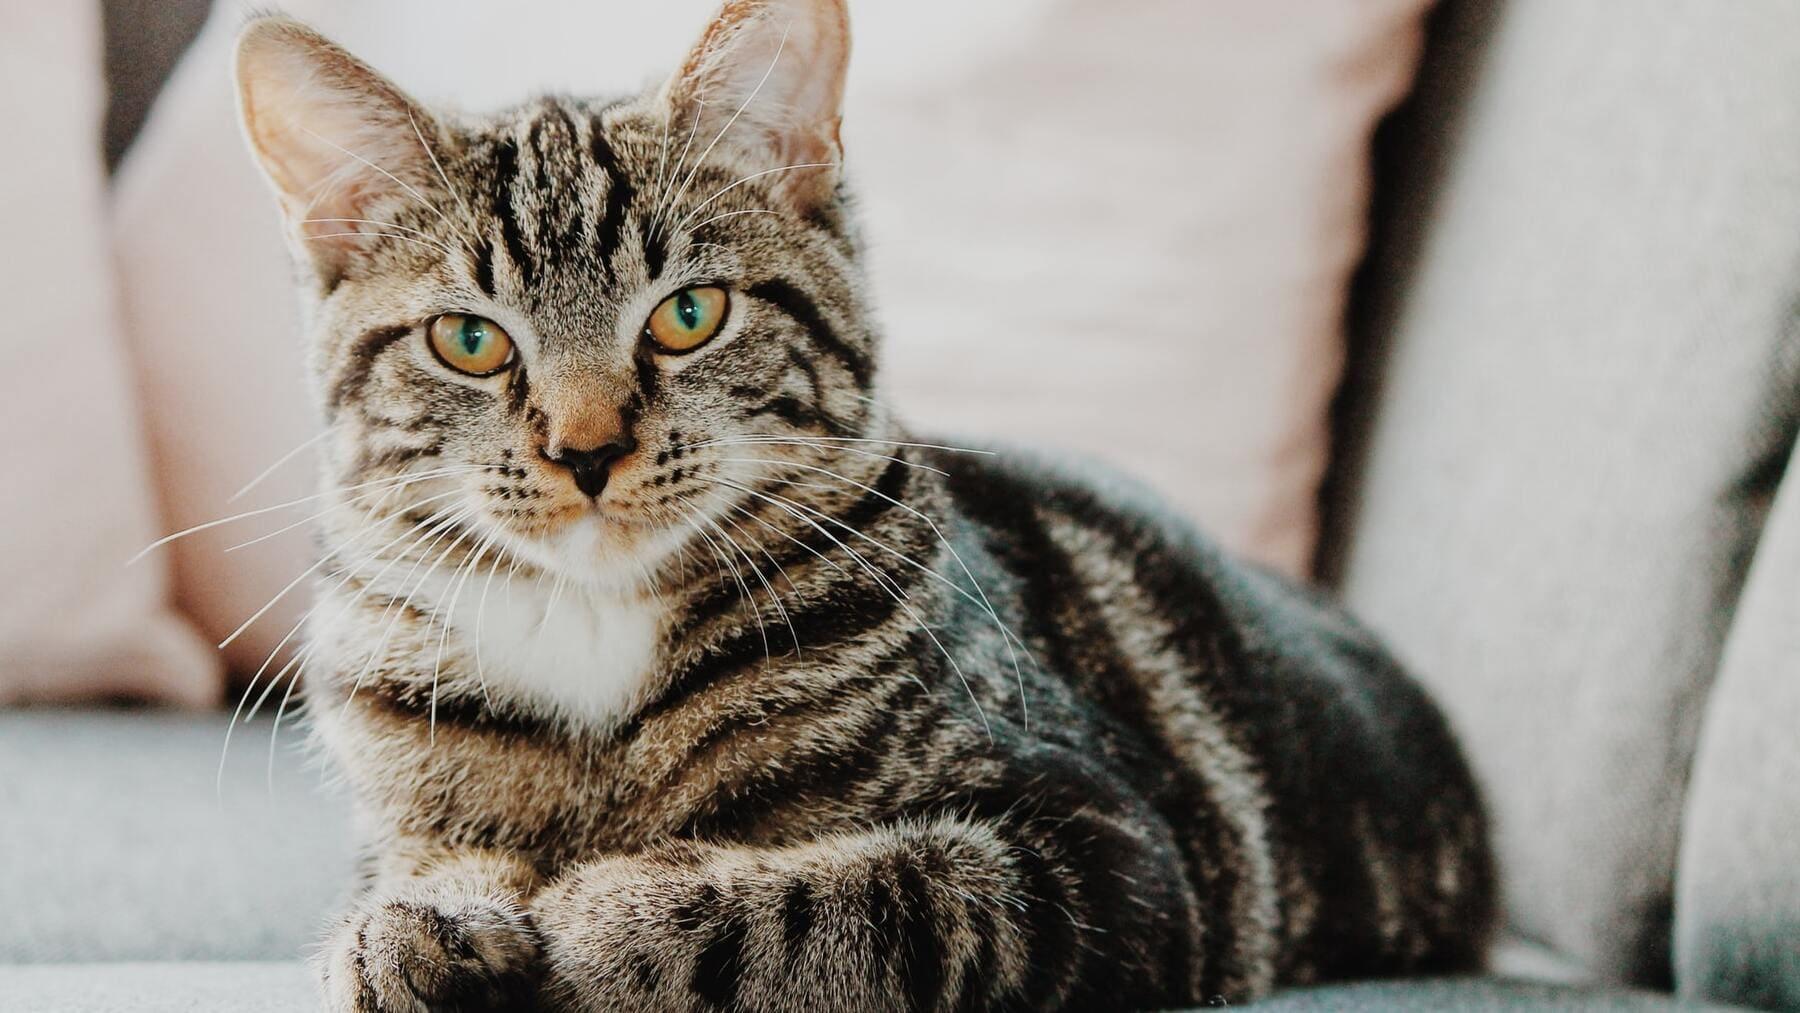 Gato aparece a 180 kilómetros de distancia